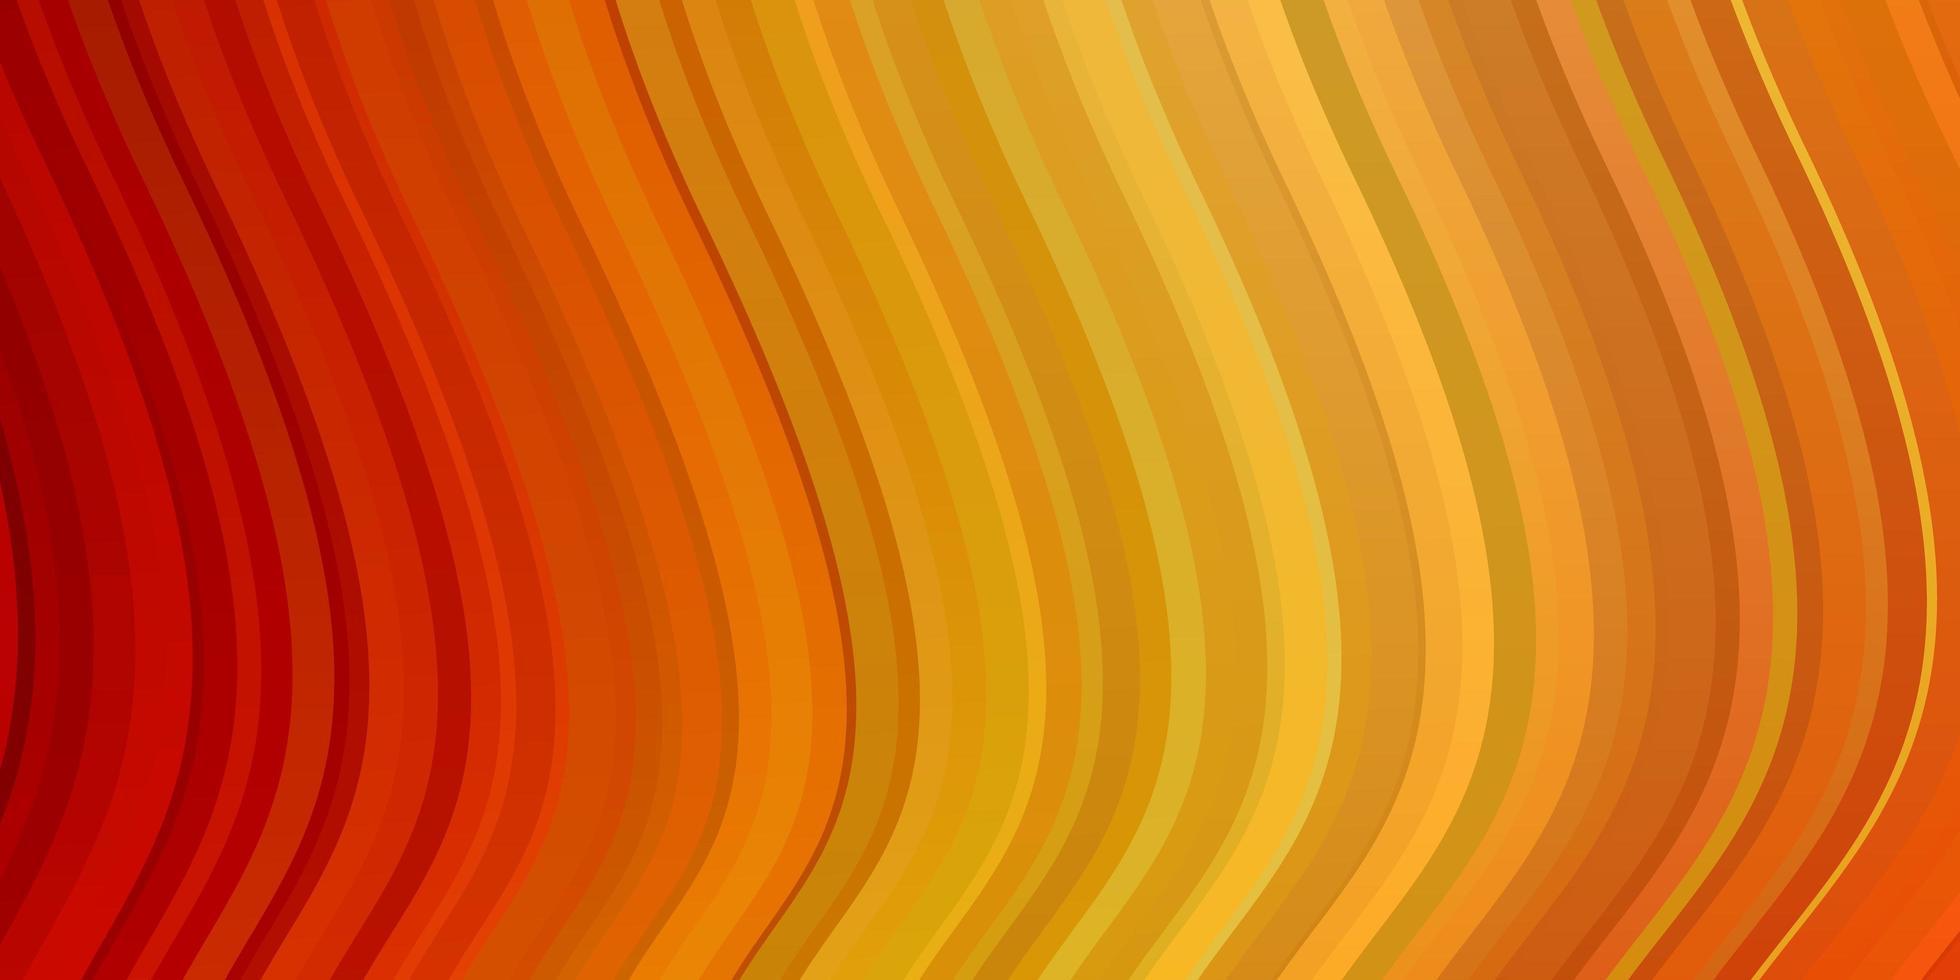 layout de vetor vermelho e amarelo claro com arco circular.